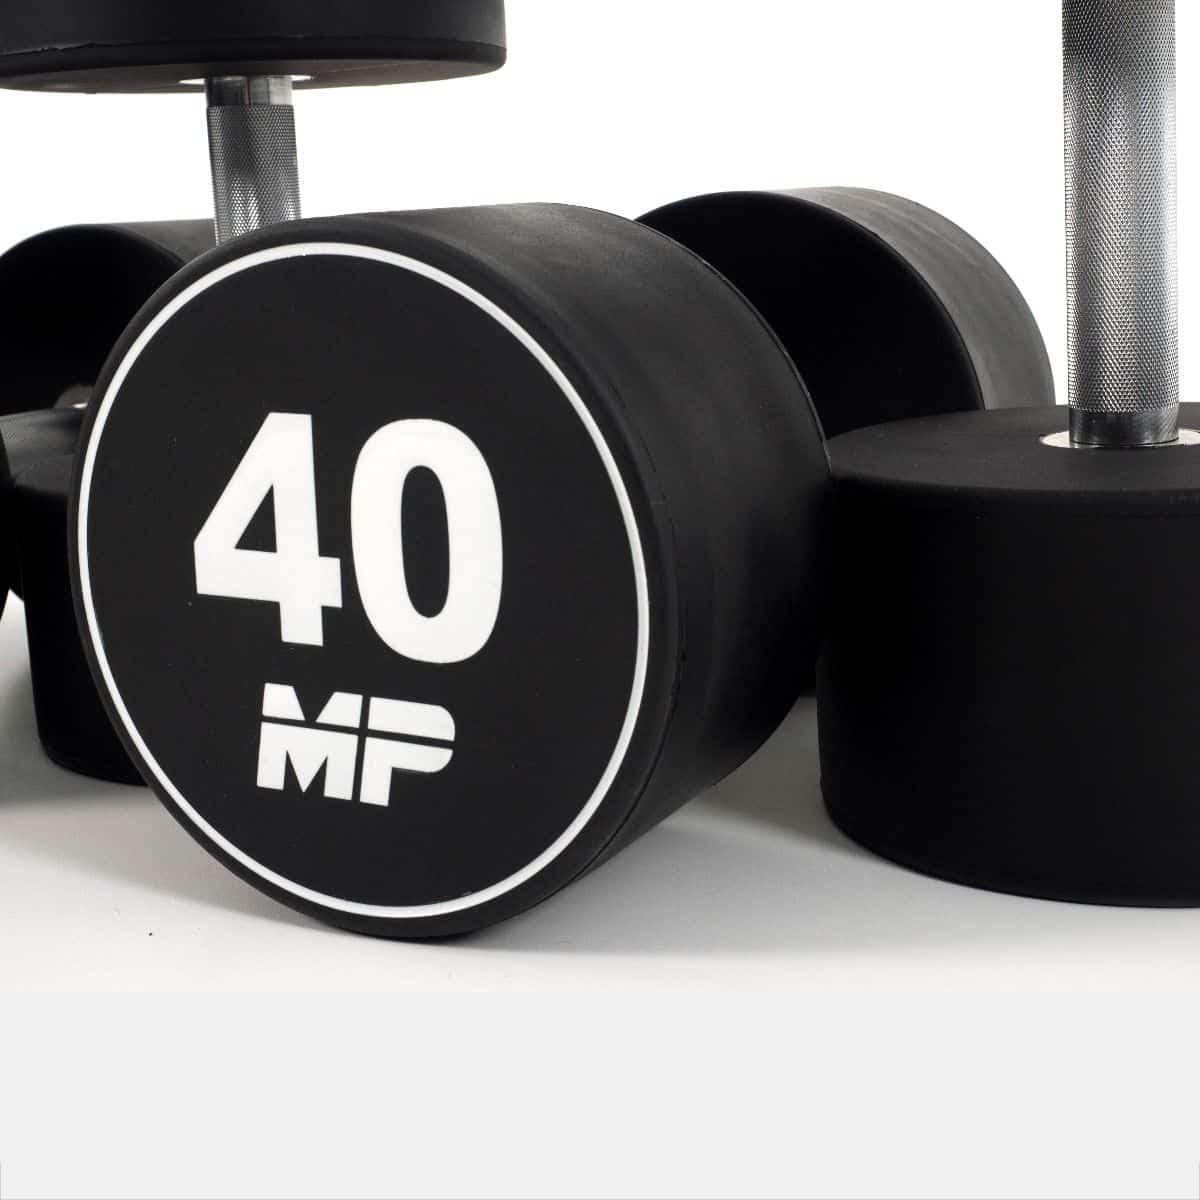 ronde-urethaan-dumbbellset-32-40kg-muscle-power-closer